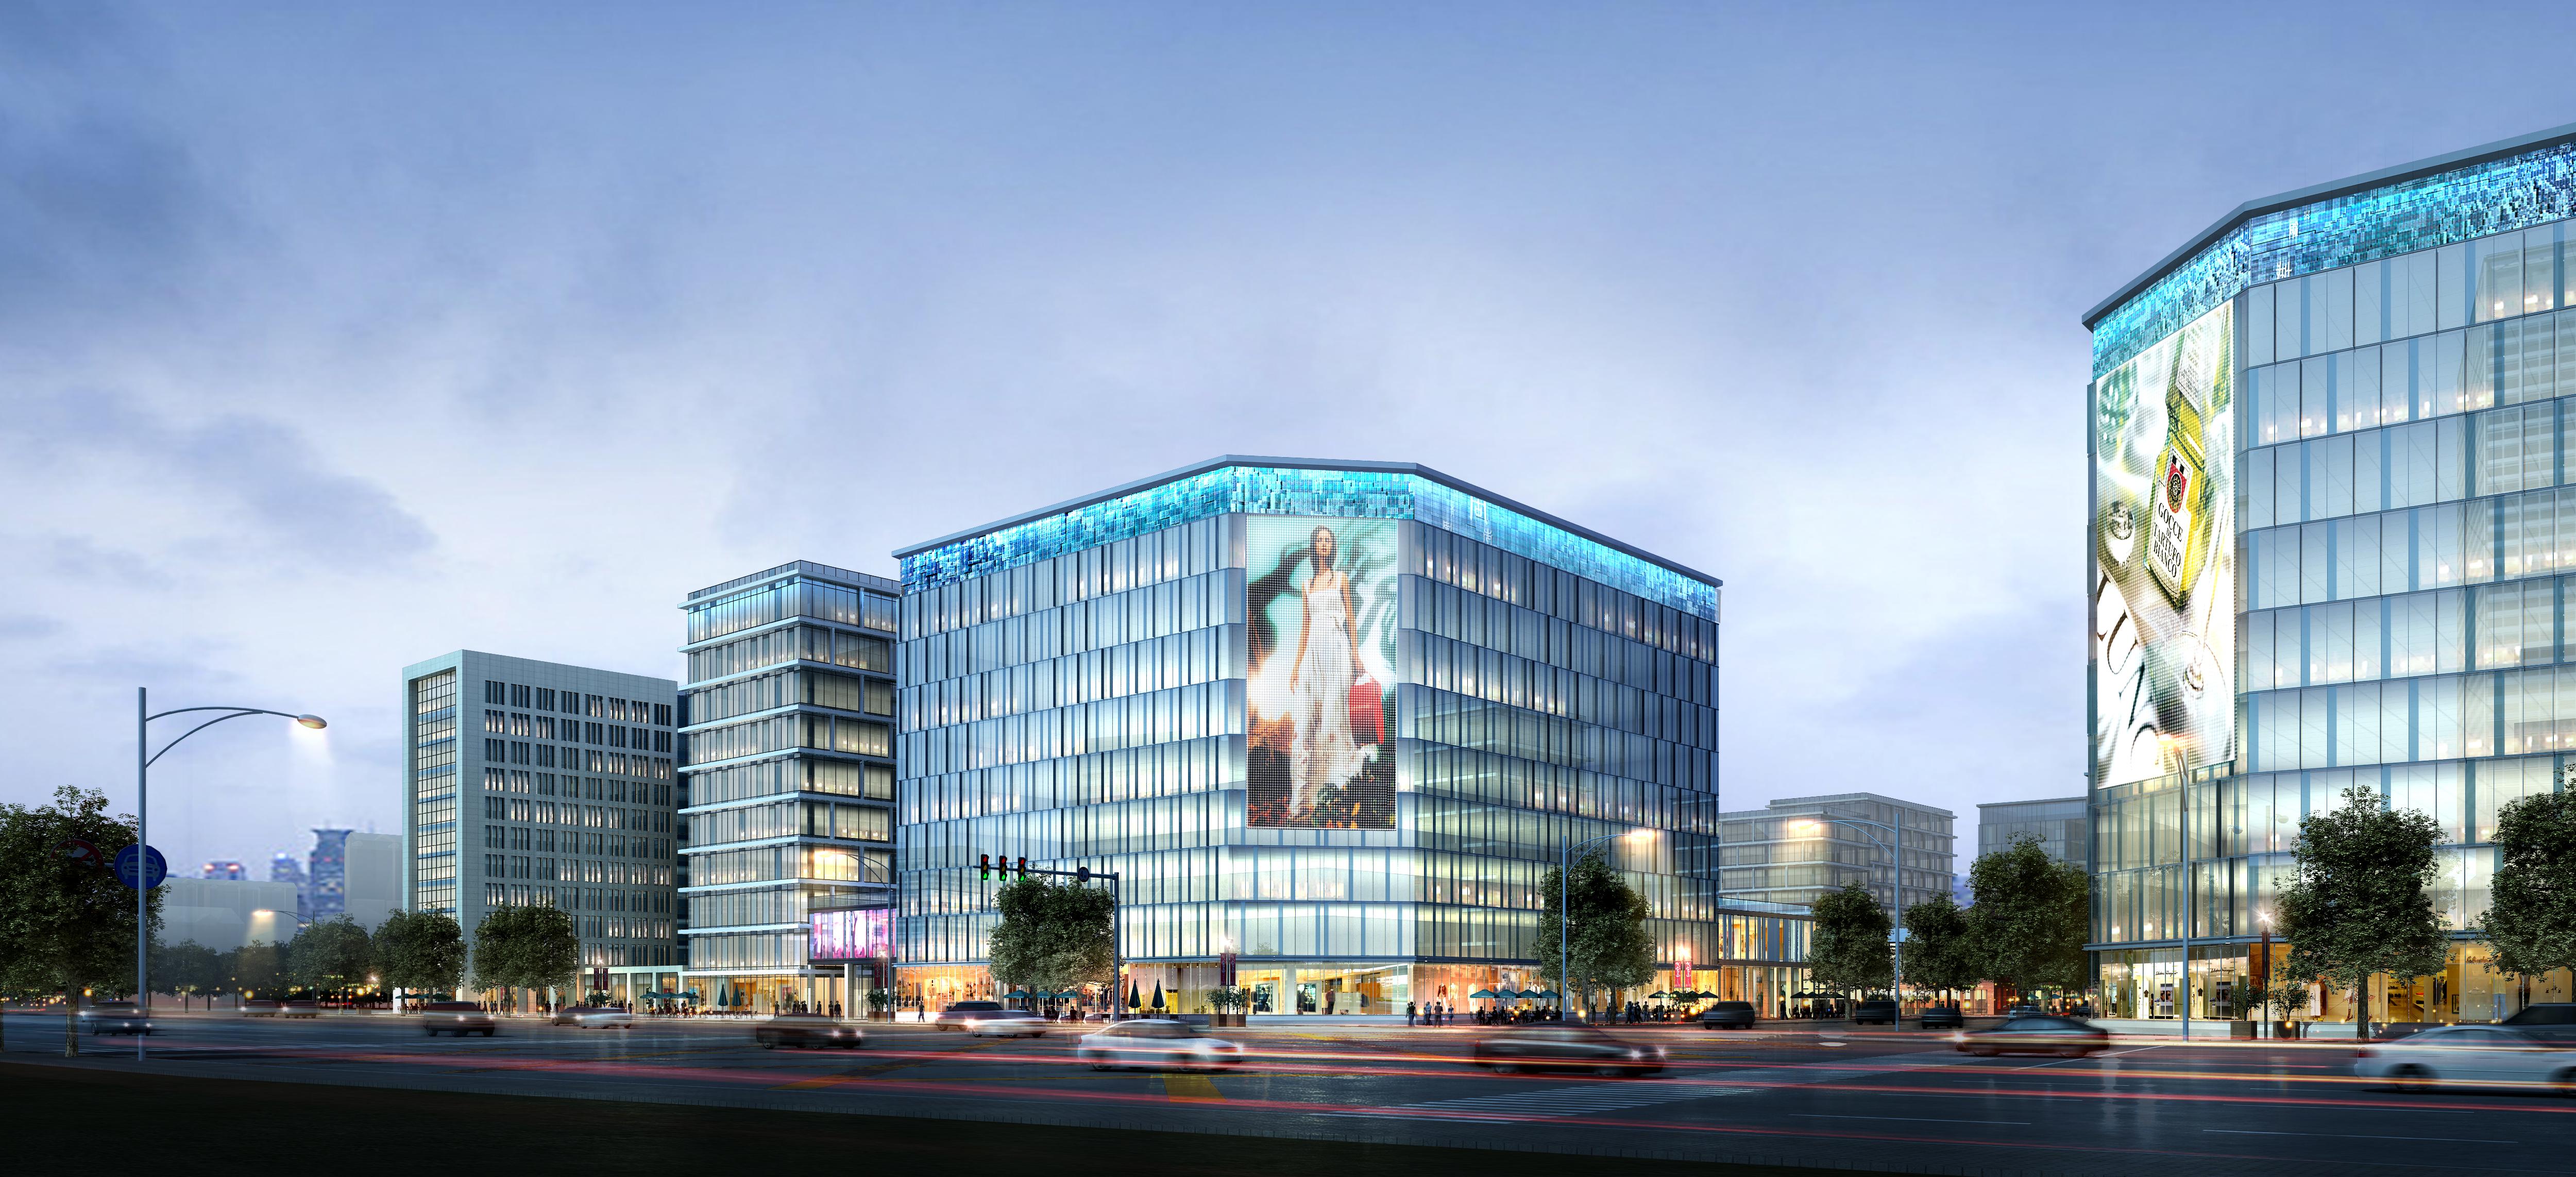 ofis binaları 002 3d model max 205066